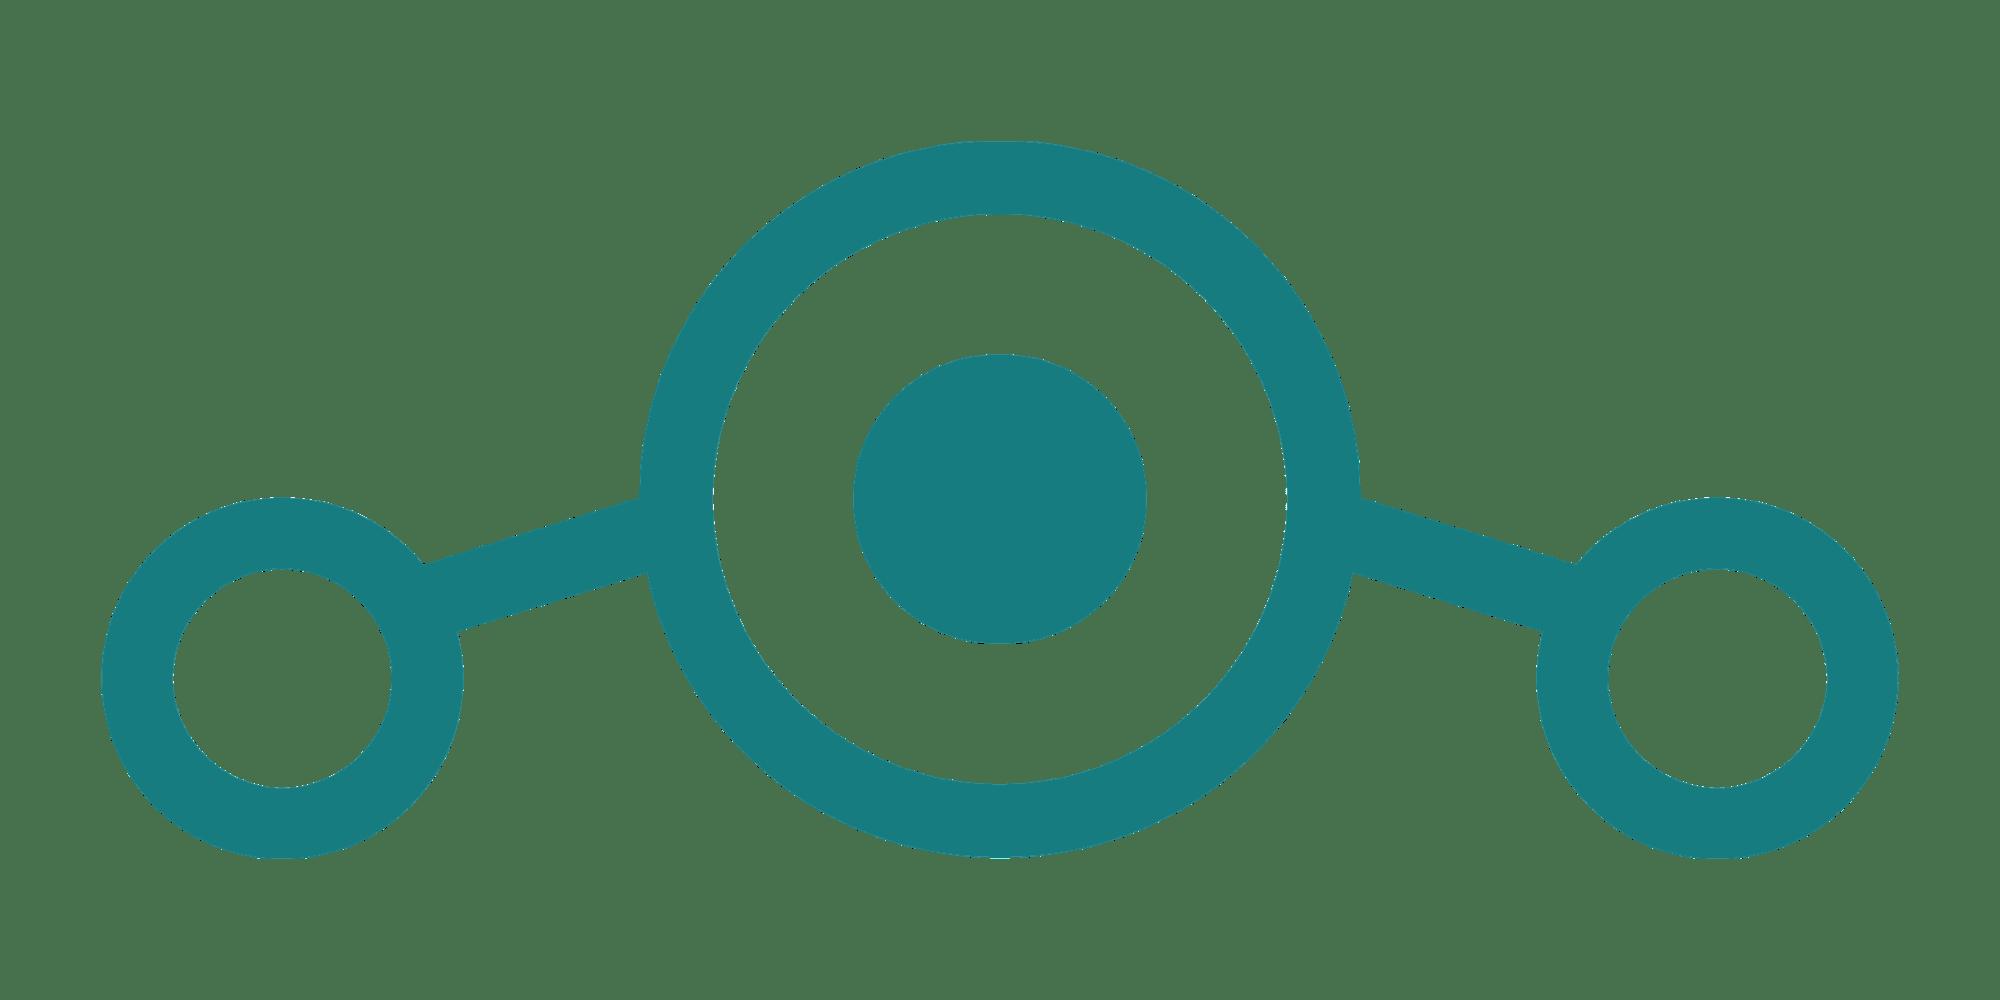 Meizuの開発者がカスタムROMとして有名なLineageOSに修正依頼、そしてマージされる